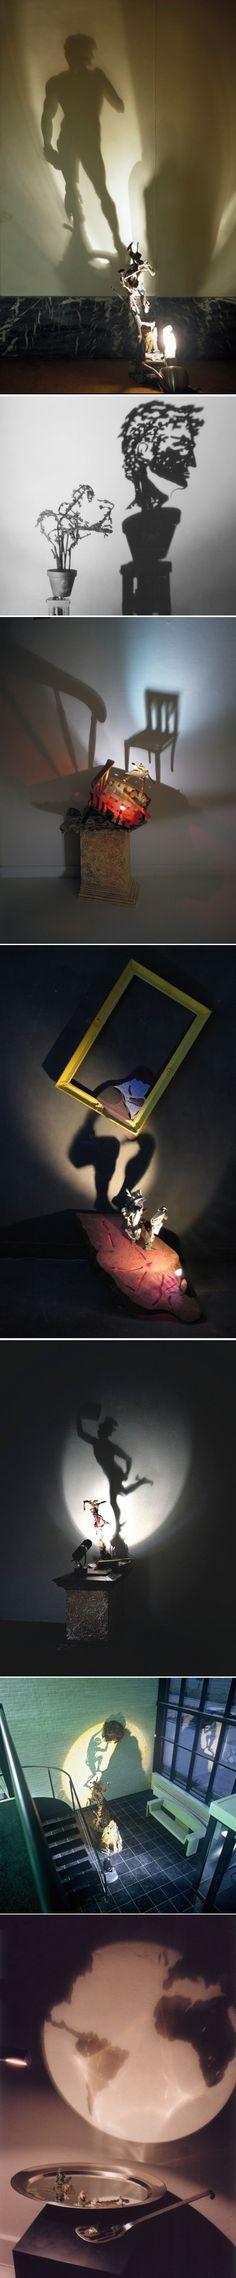 Diet-Wiegman-1 Kumi Yamashita, Ombres Portées, Installation Art, Art Installations, Shadow Art, Dutch Artists, Art Projects, Art Photography, Concept